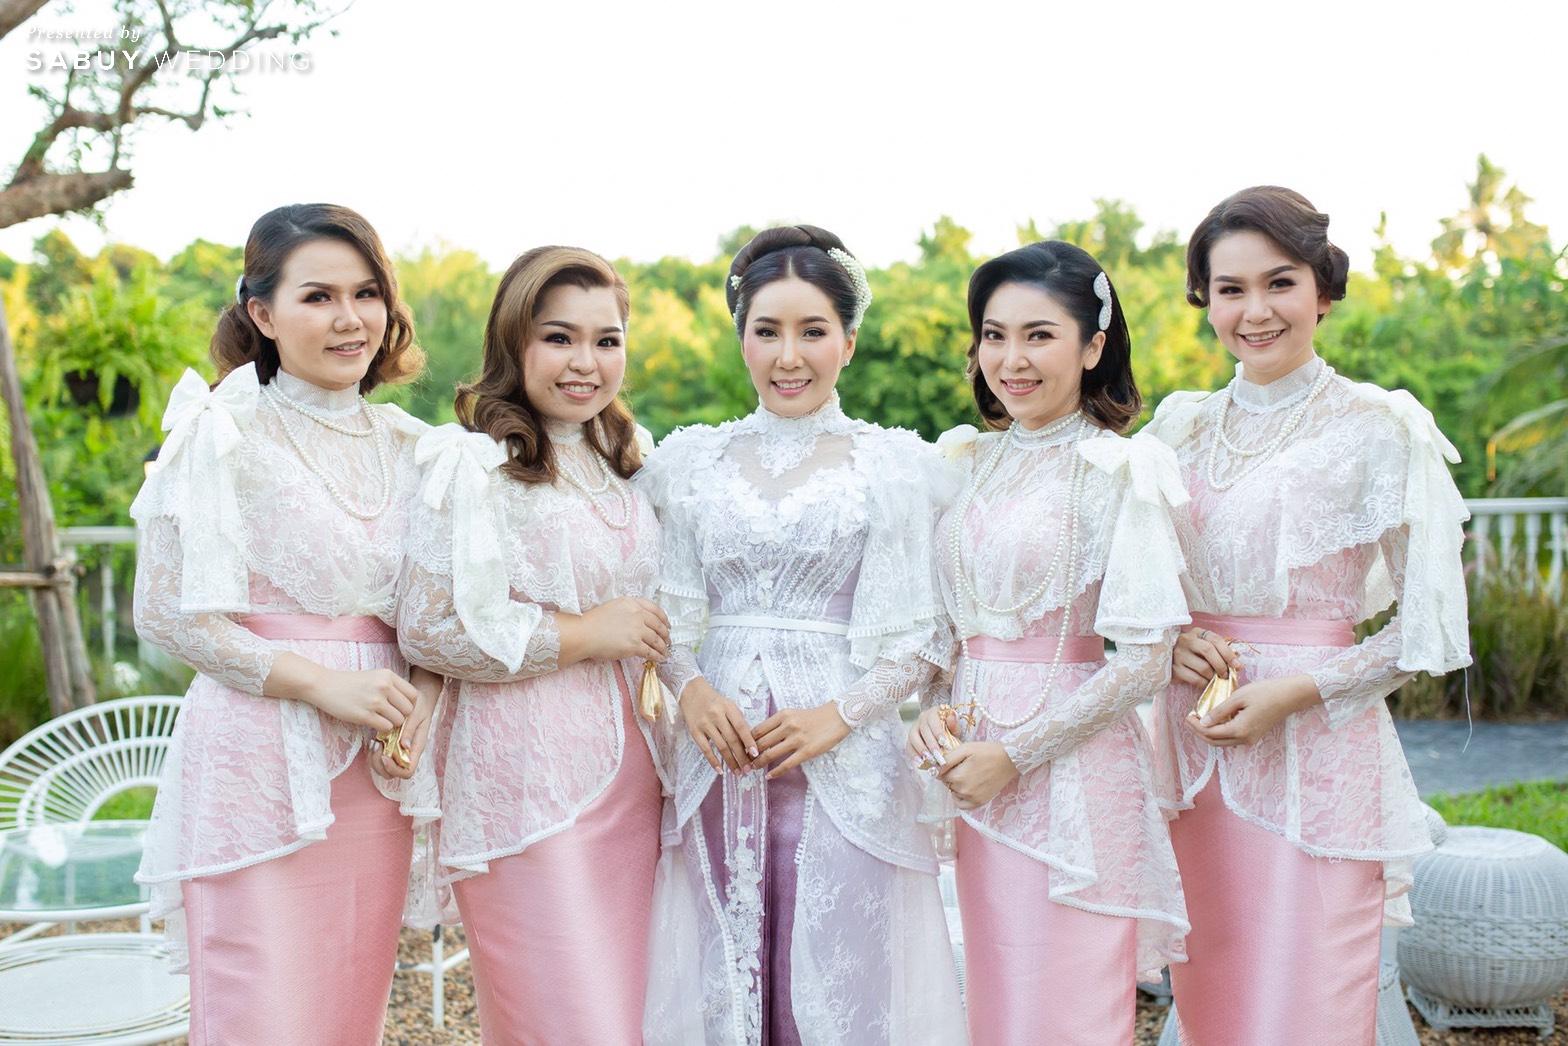 ชุดแต่งงาน,ชุดเพื่อนเจ้าสาว,ชุดเจ้าสาว รีวิวงานแต่งเสน่ห์ไทย ในสถานที่สไตล์โคโลเนียล @ House of Chandra